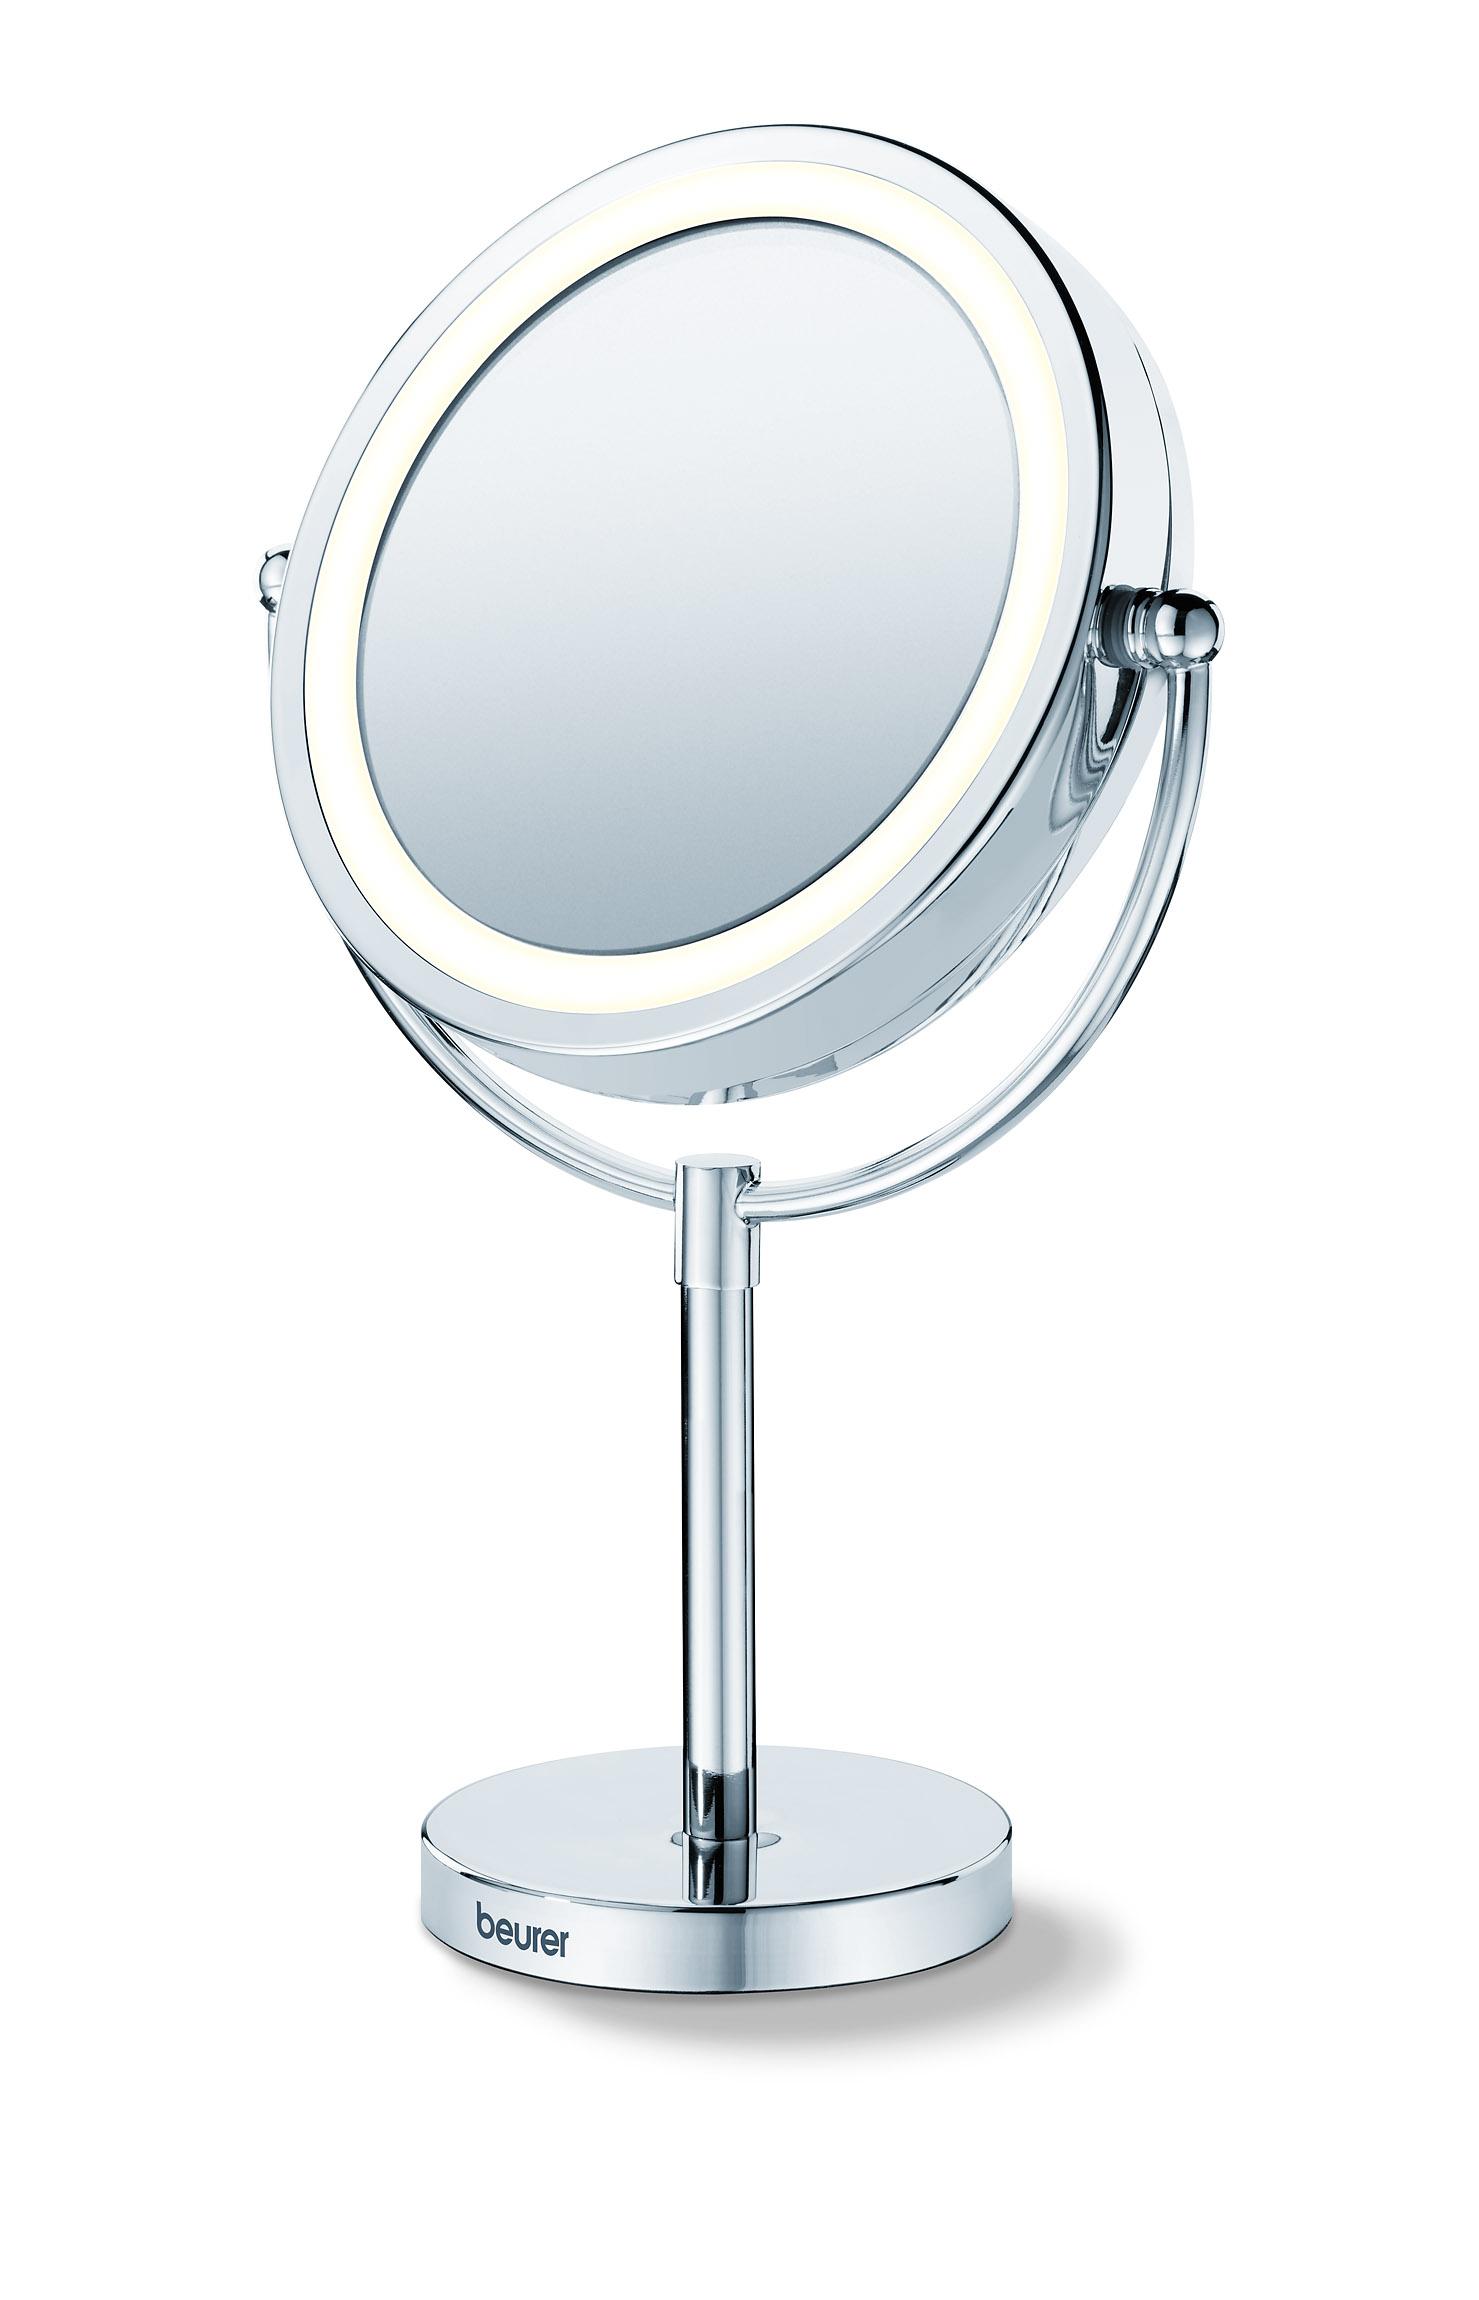 Podświetlane duże lusterko kosmetyczne - BEURER BS 69